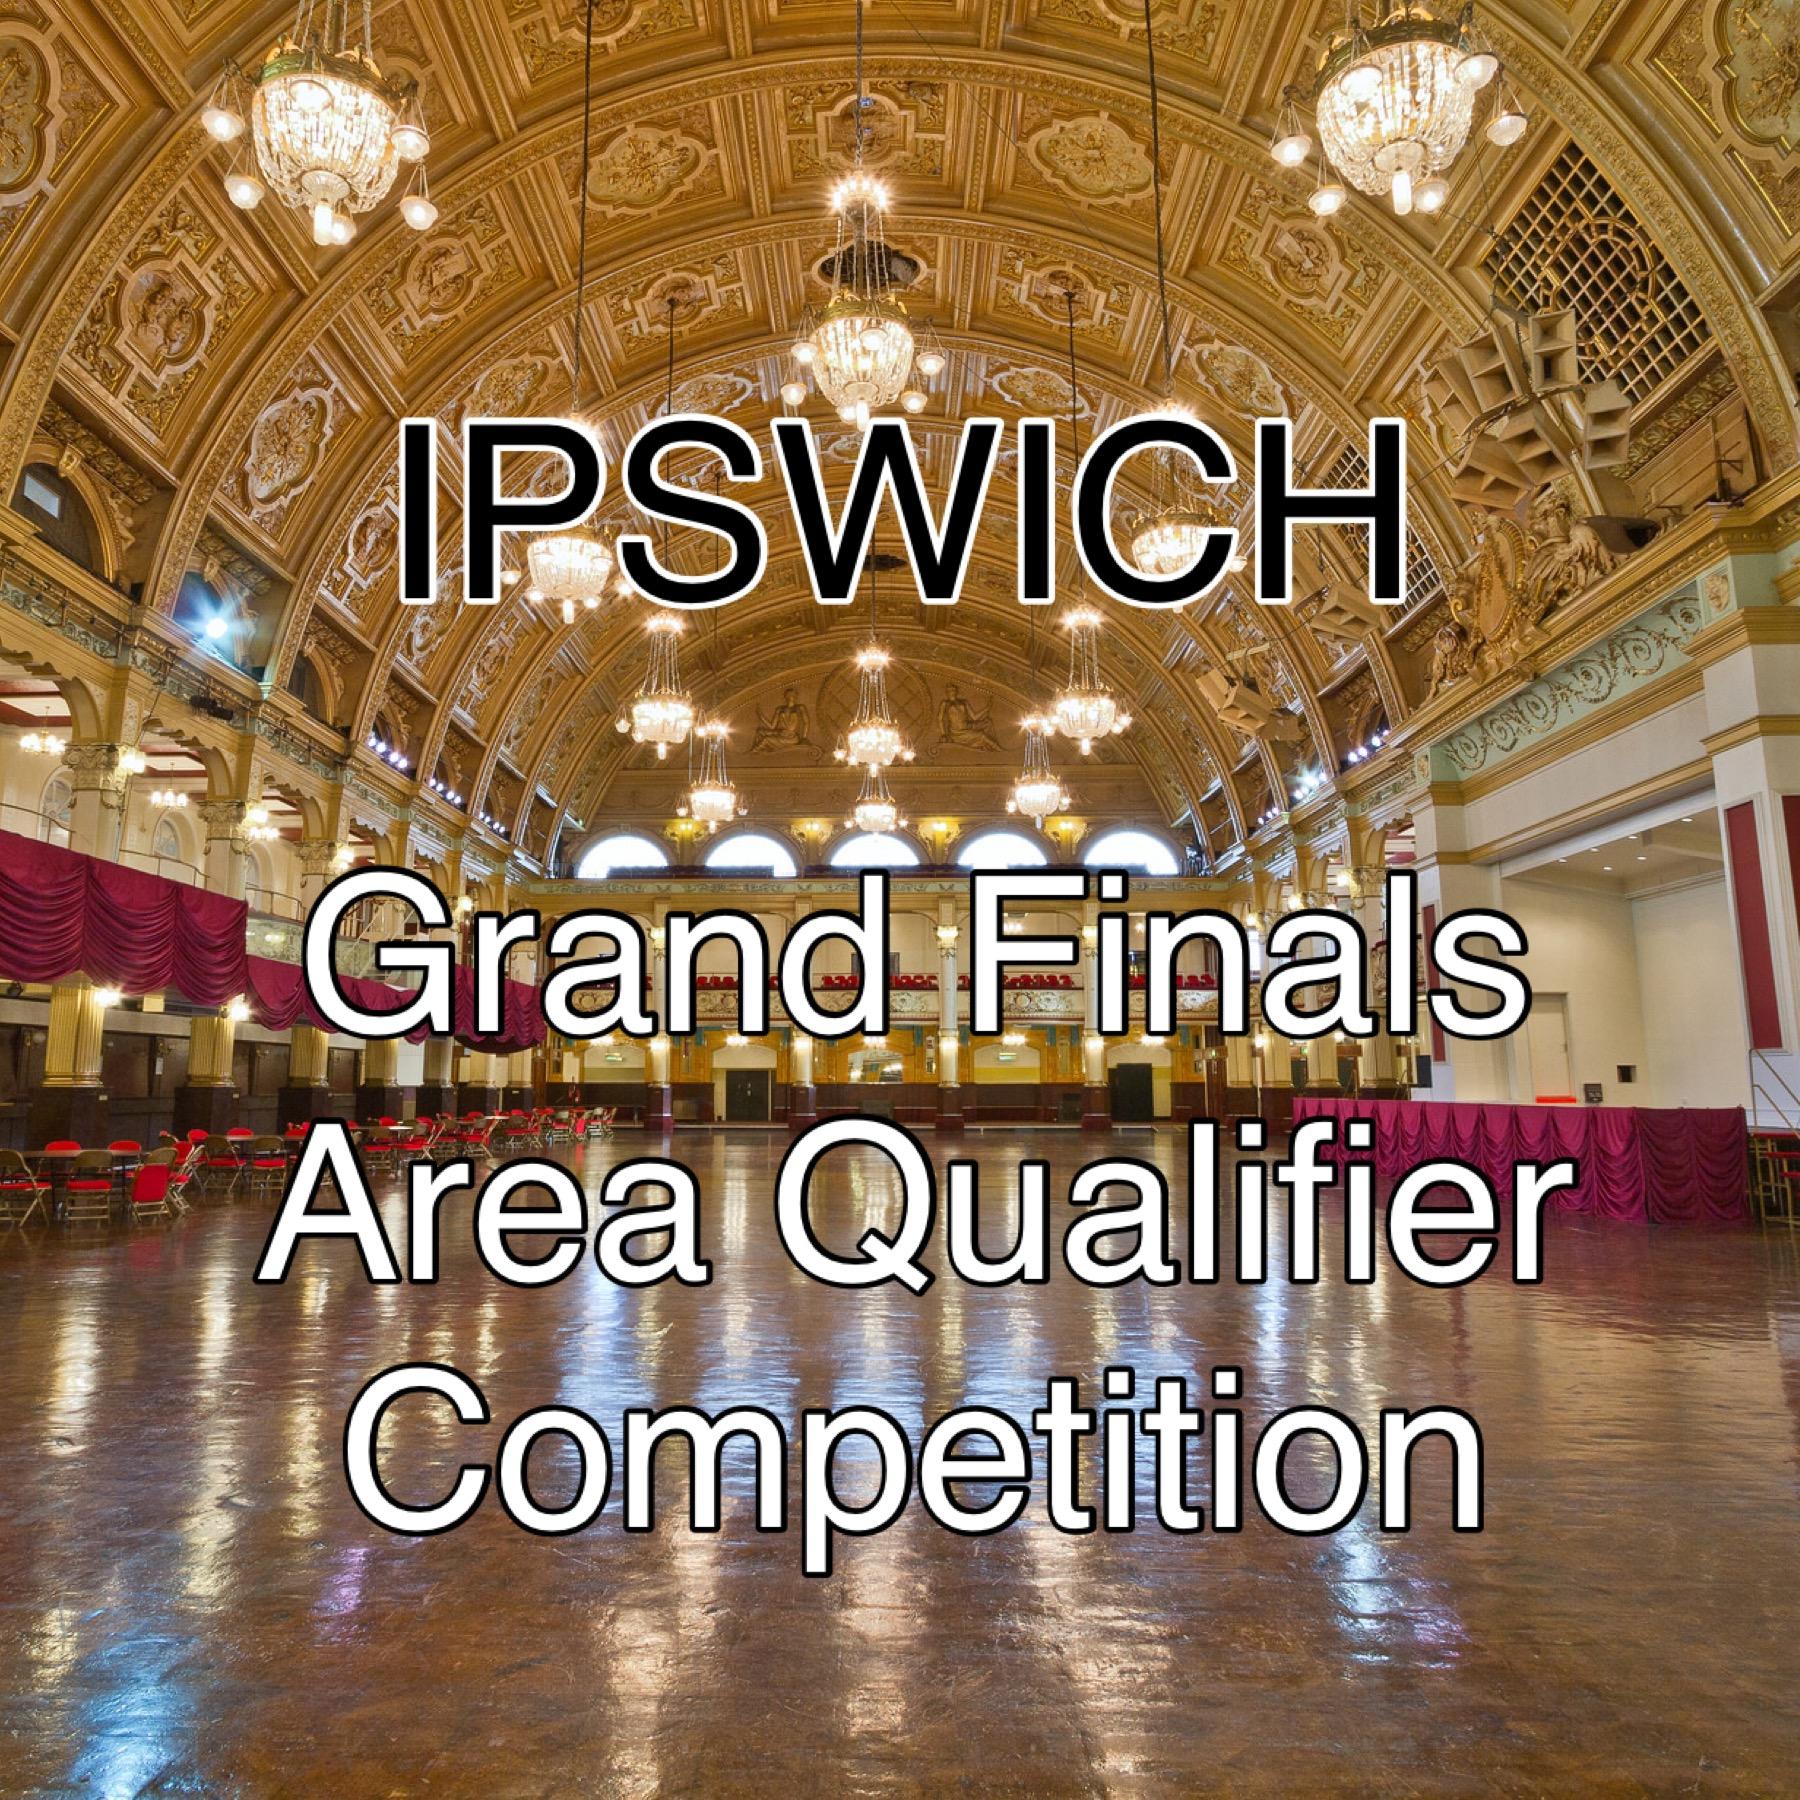 IPSWICH GRAND FINALS AREA QUALIFIER